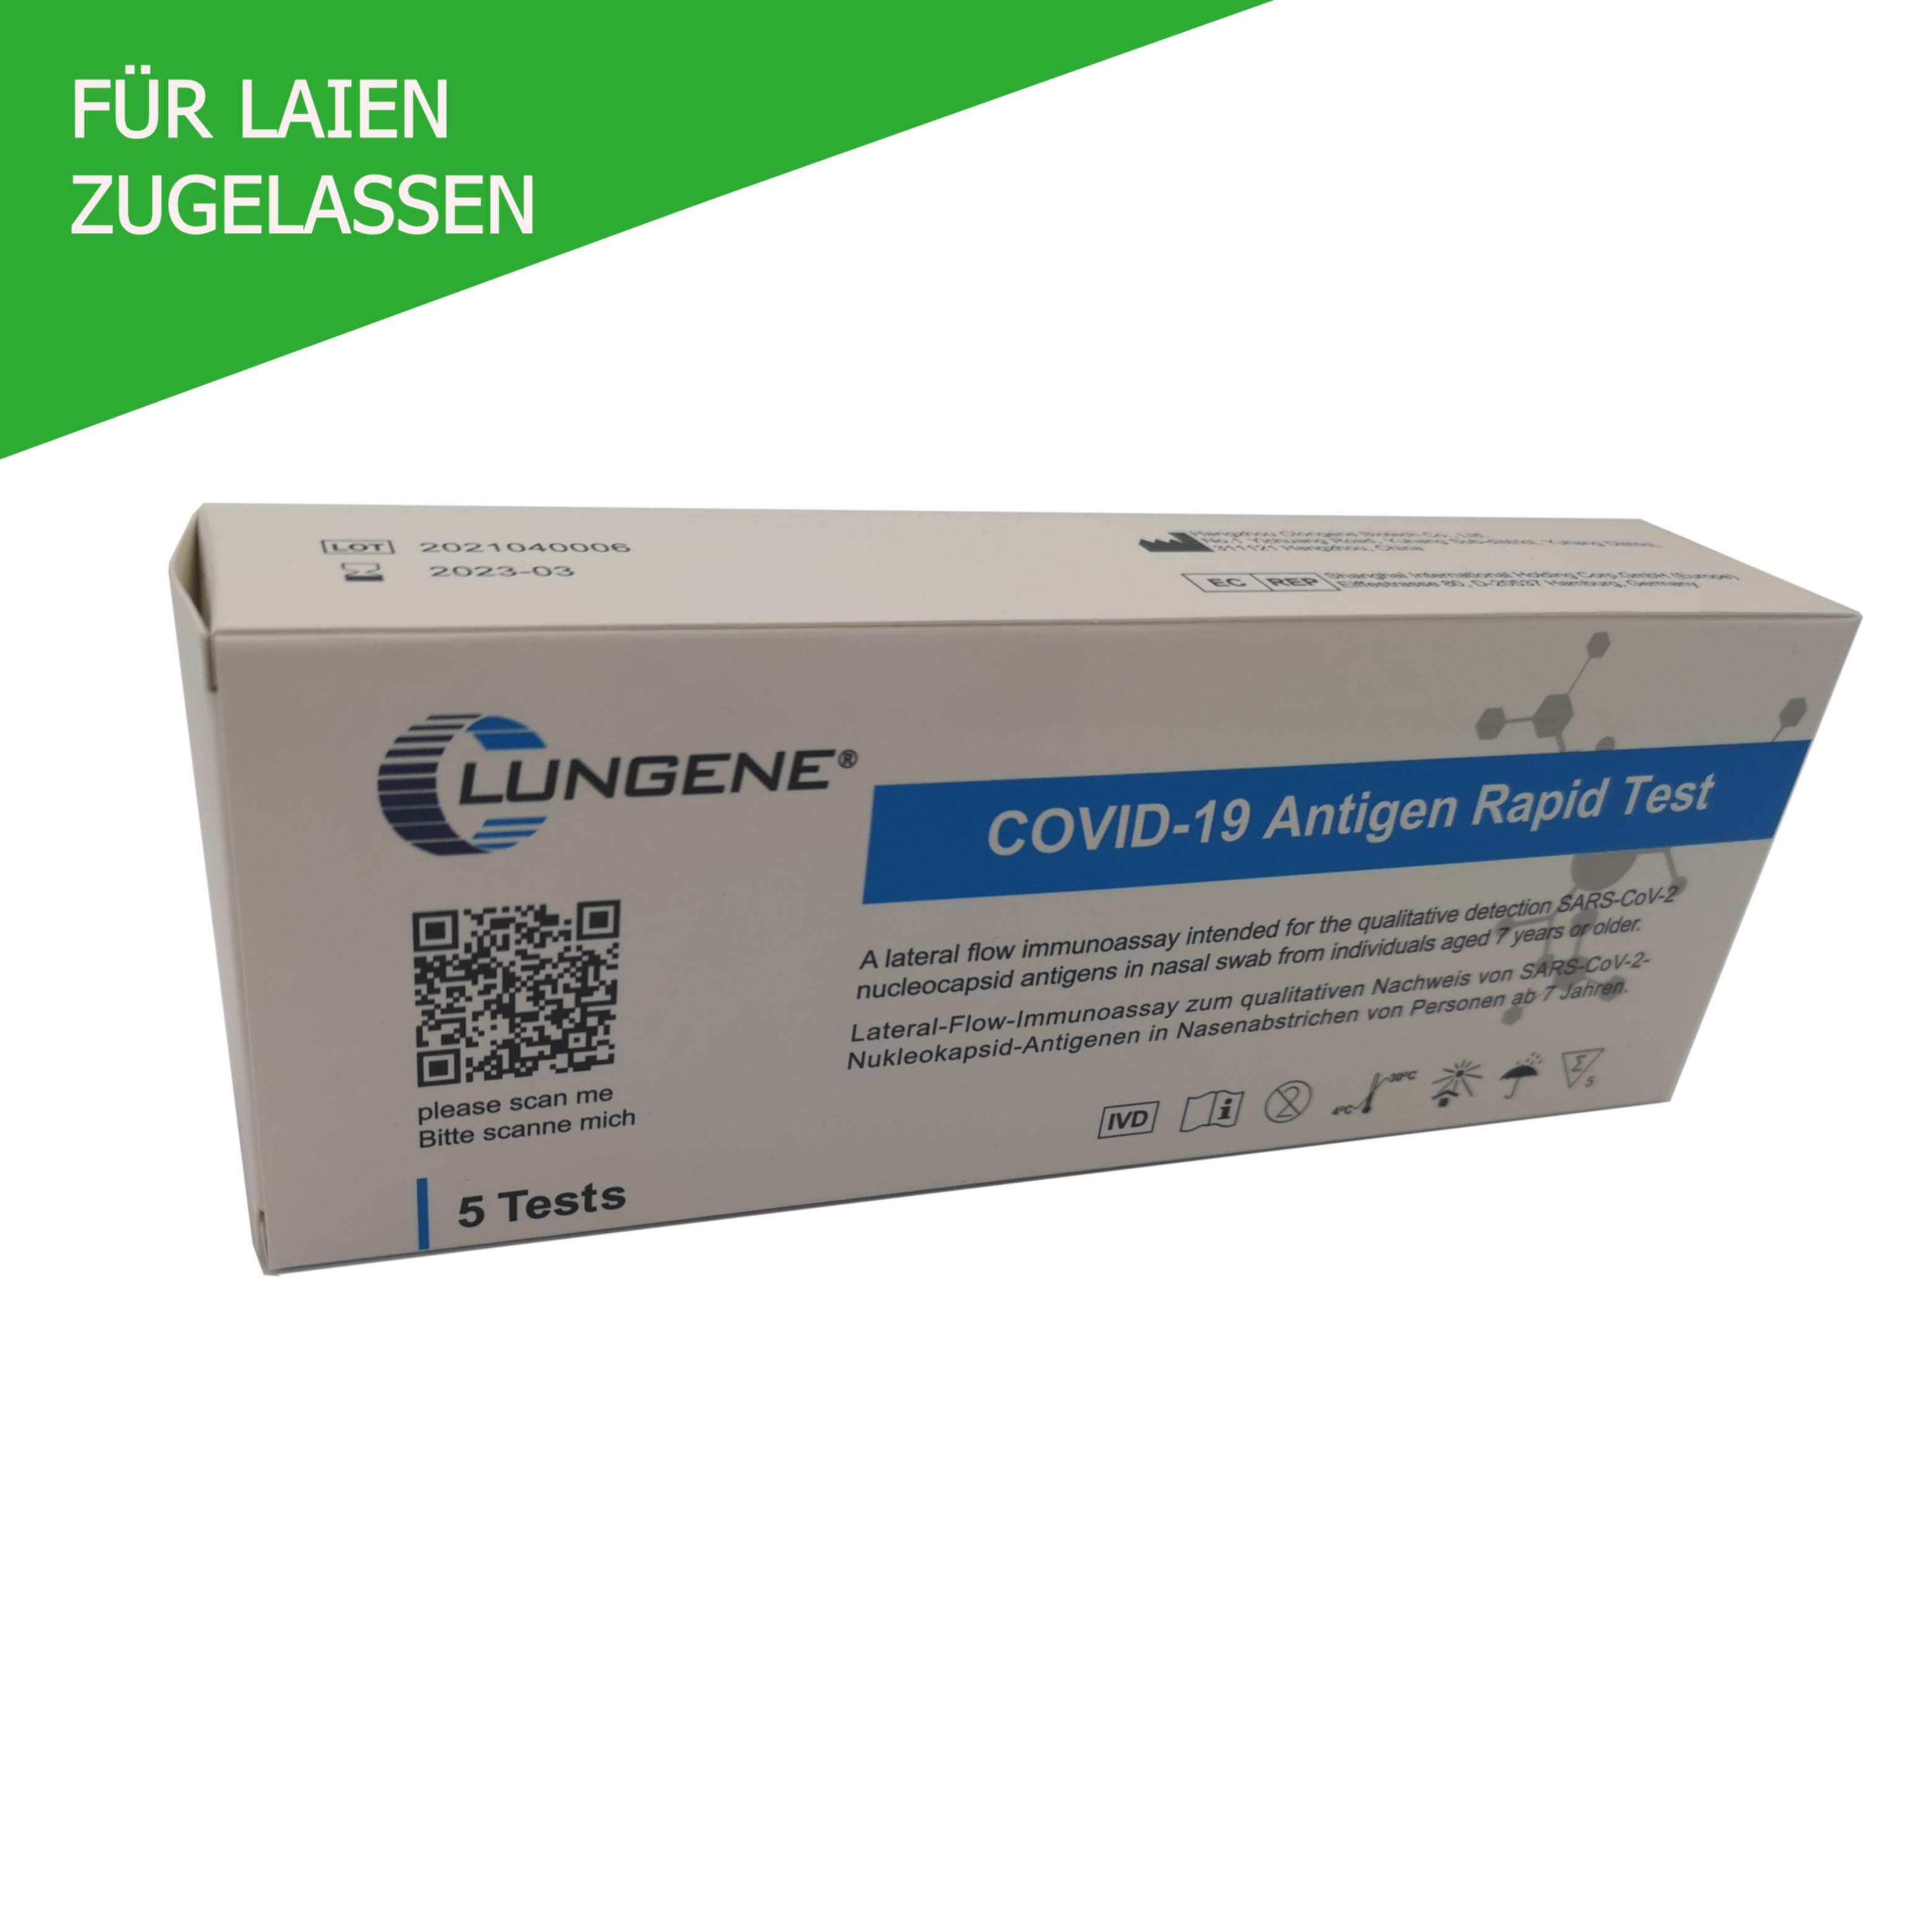 Clungene Antigen Schnelltest (vorderer Nasenabstrich) zum Nachweis von SARS-CoV2 5er Pack